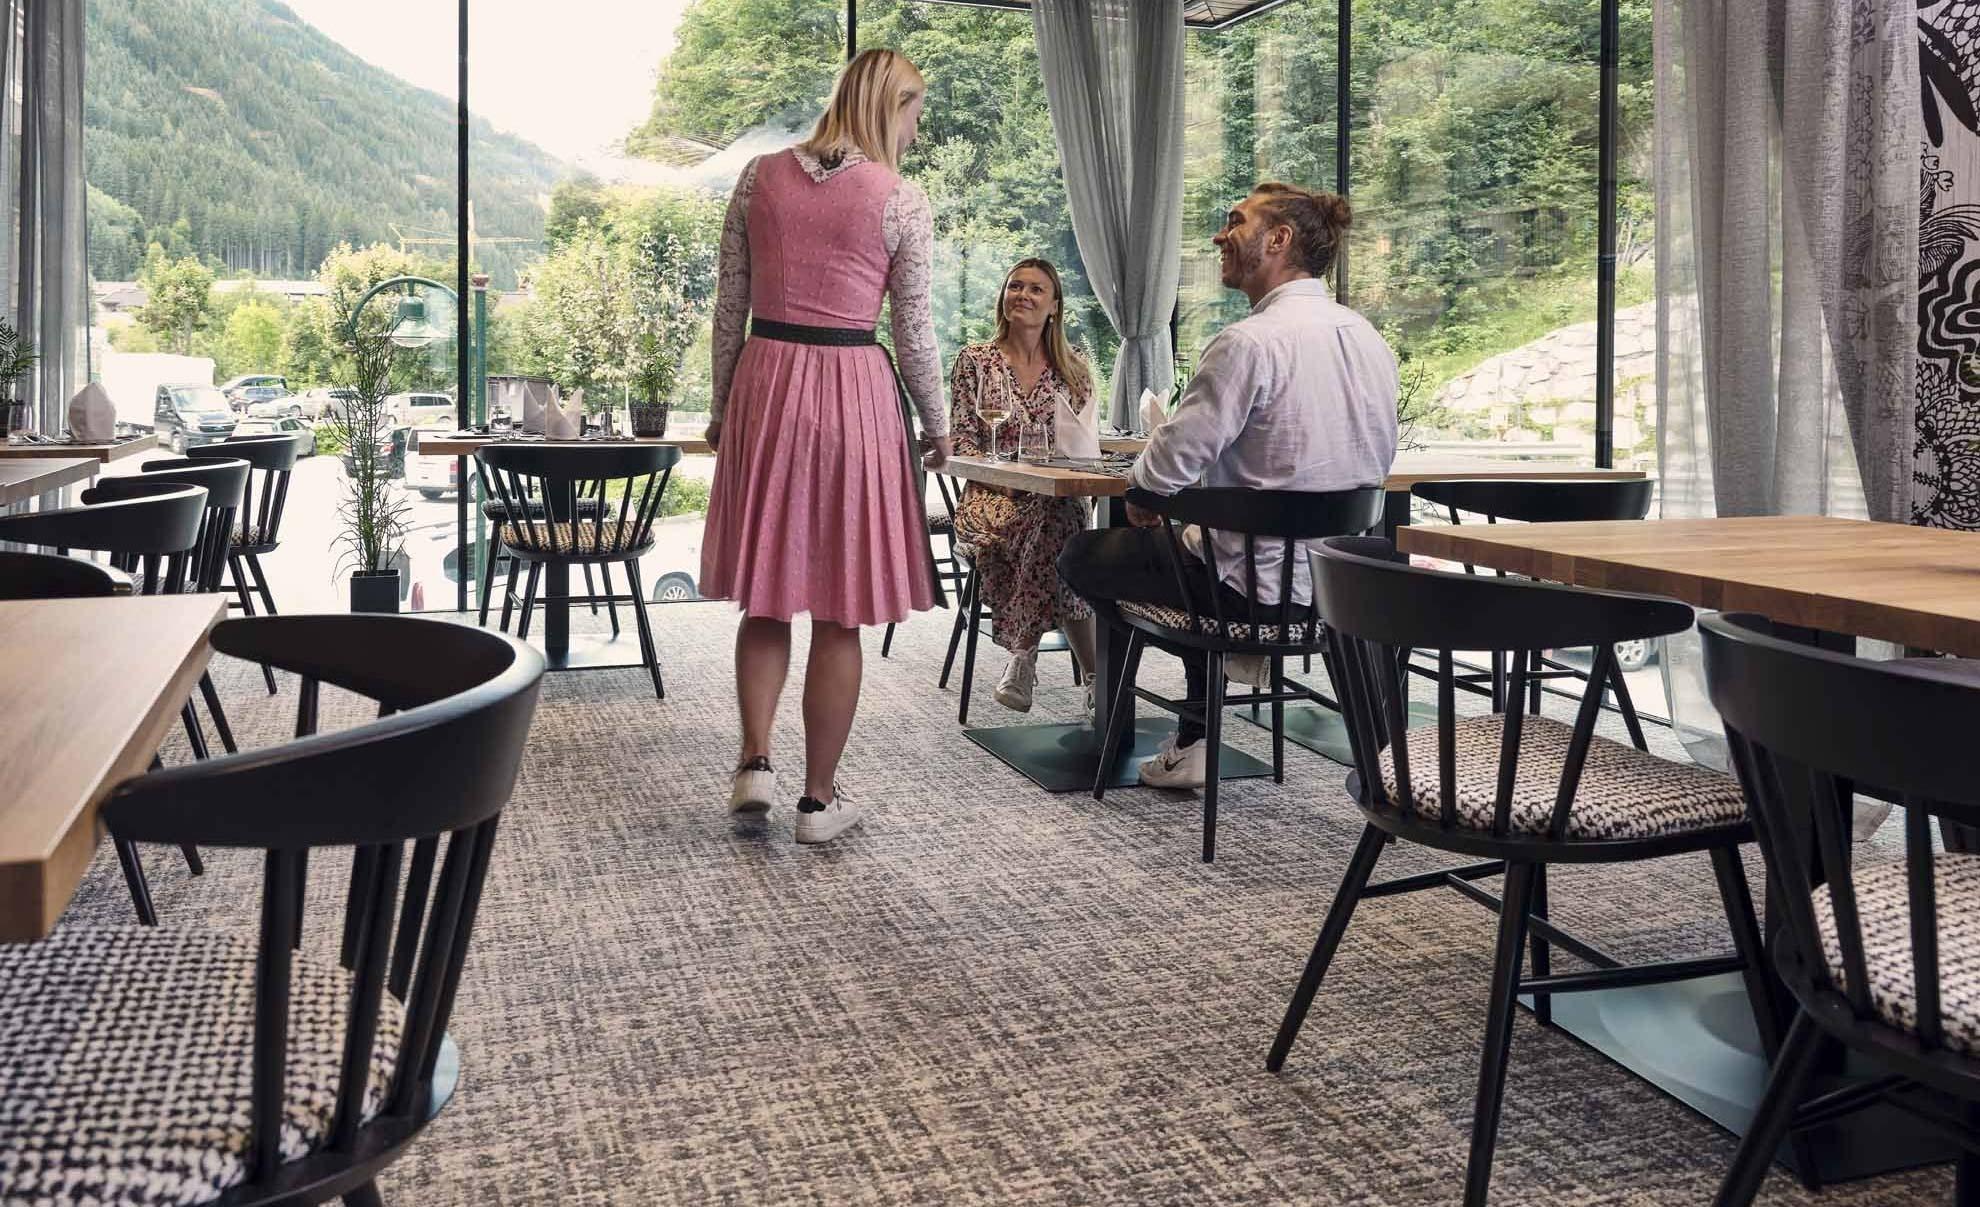 Restaurantkraft steht bei einem Tisch an welchen zwei Personen sitzen